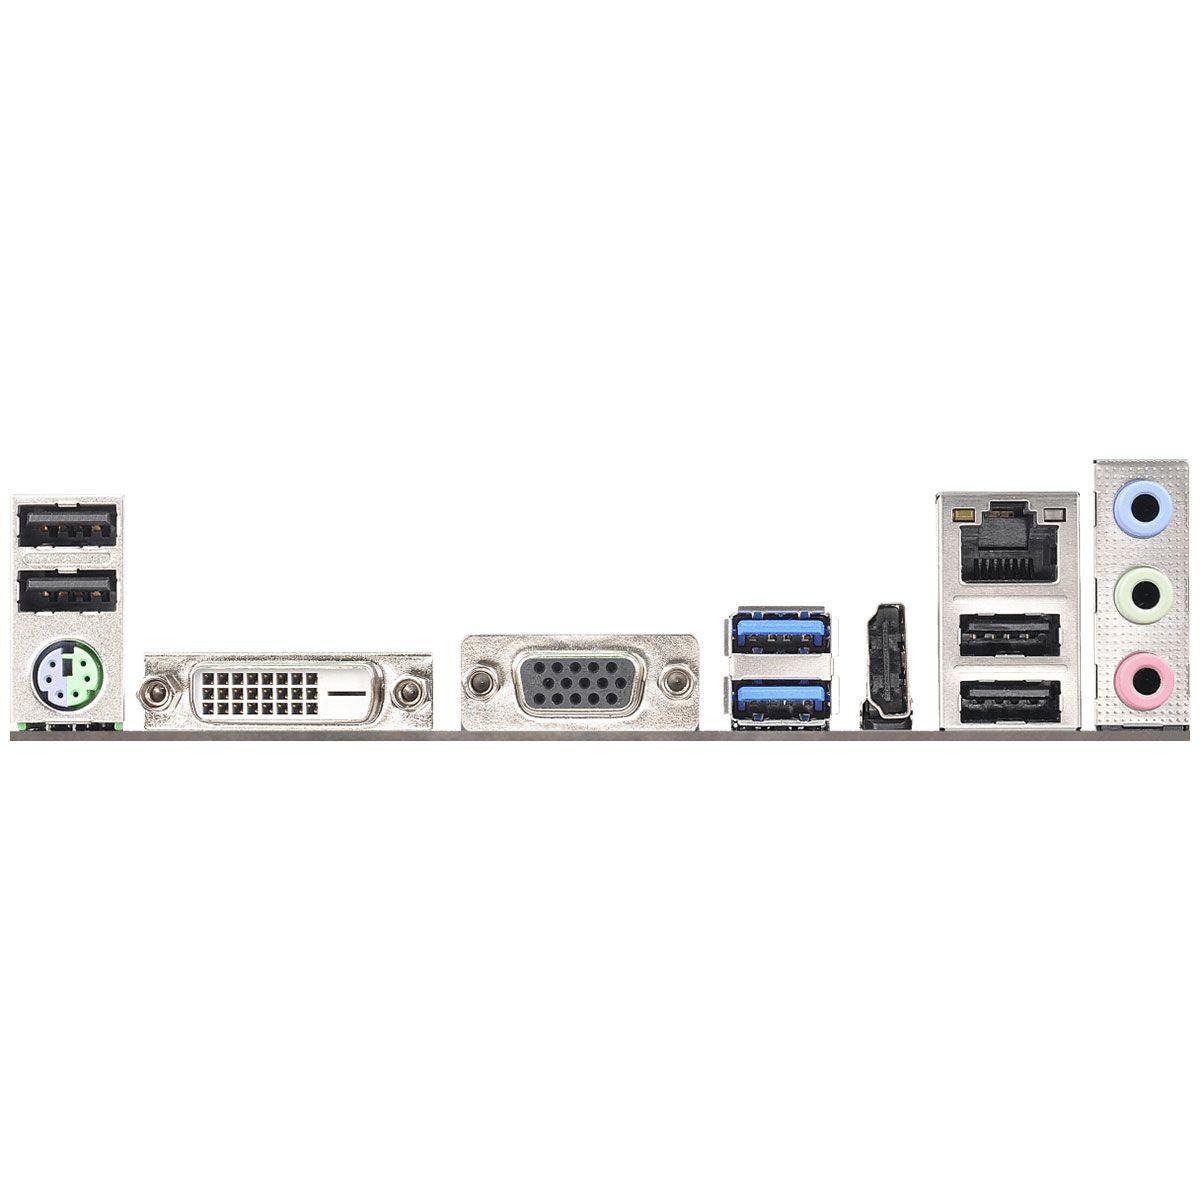 PLACA-MÃE MICRO ATX ASROCK FM2A68M-HD+ R2.0 P/ FM2+ 95W / FM2 100W DDR3 DUAL CHANNEL - VGA/HDMI - USB 3.1 GEN1